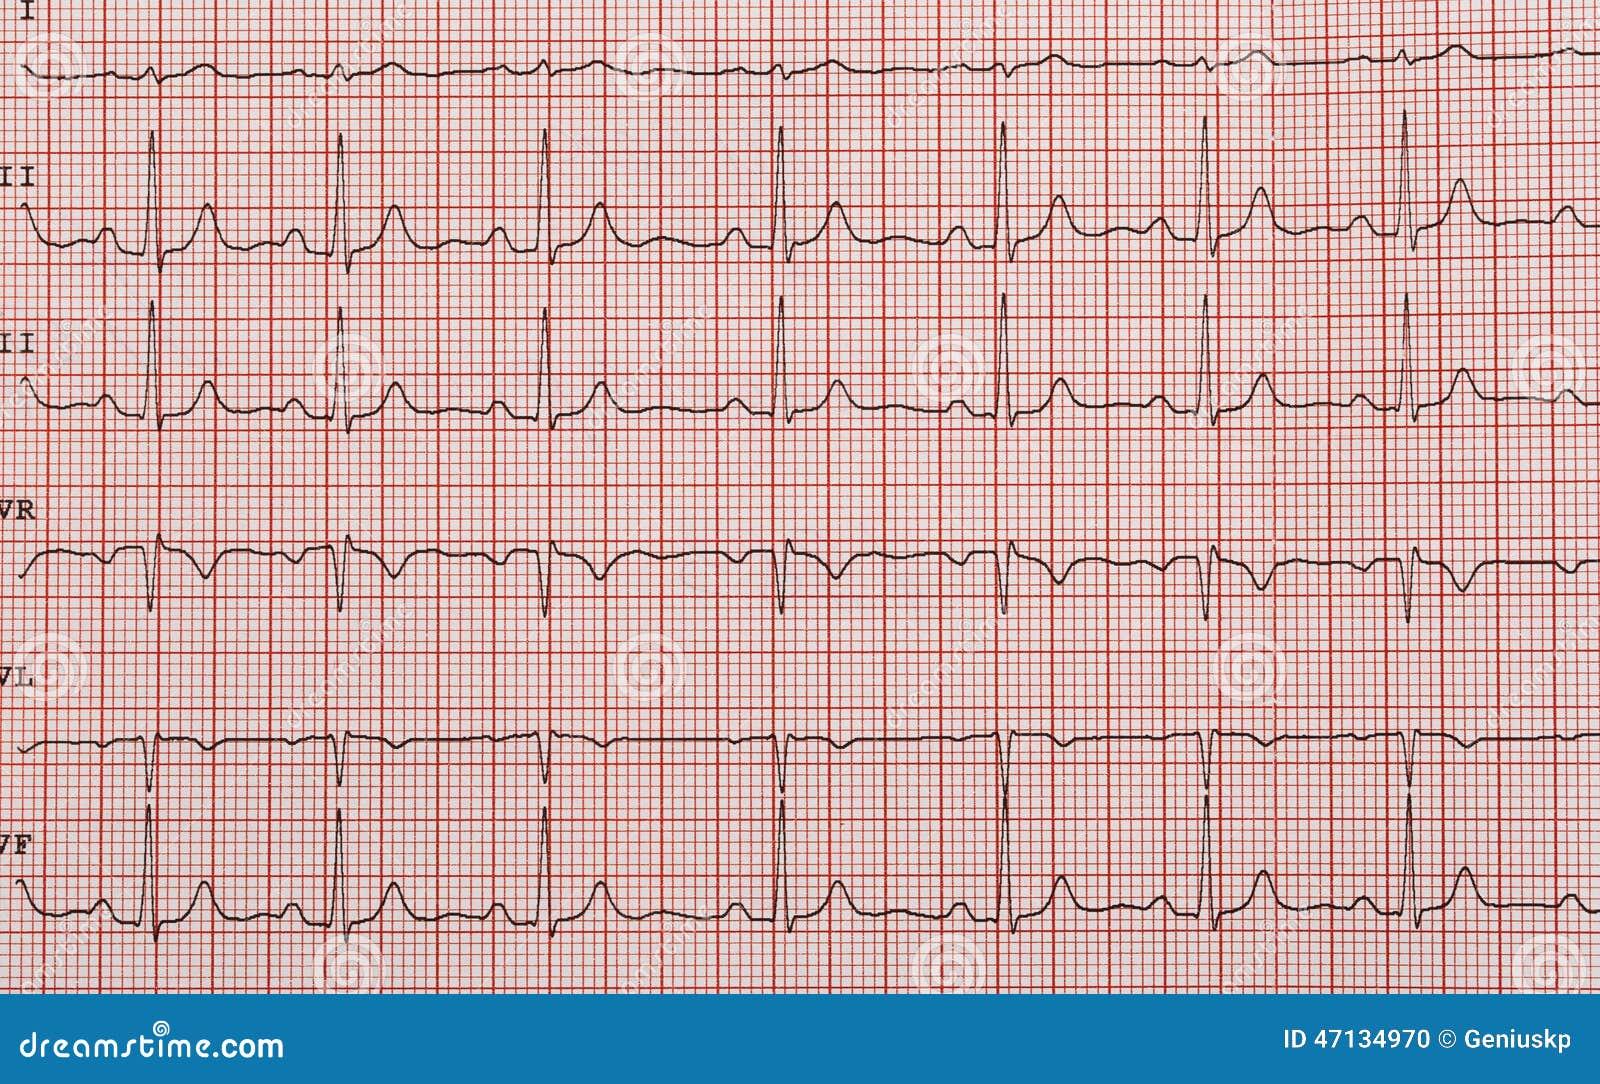 Лента с cardiogram